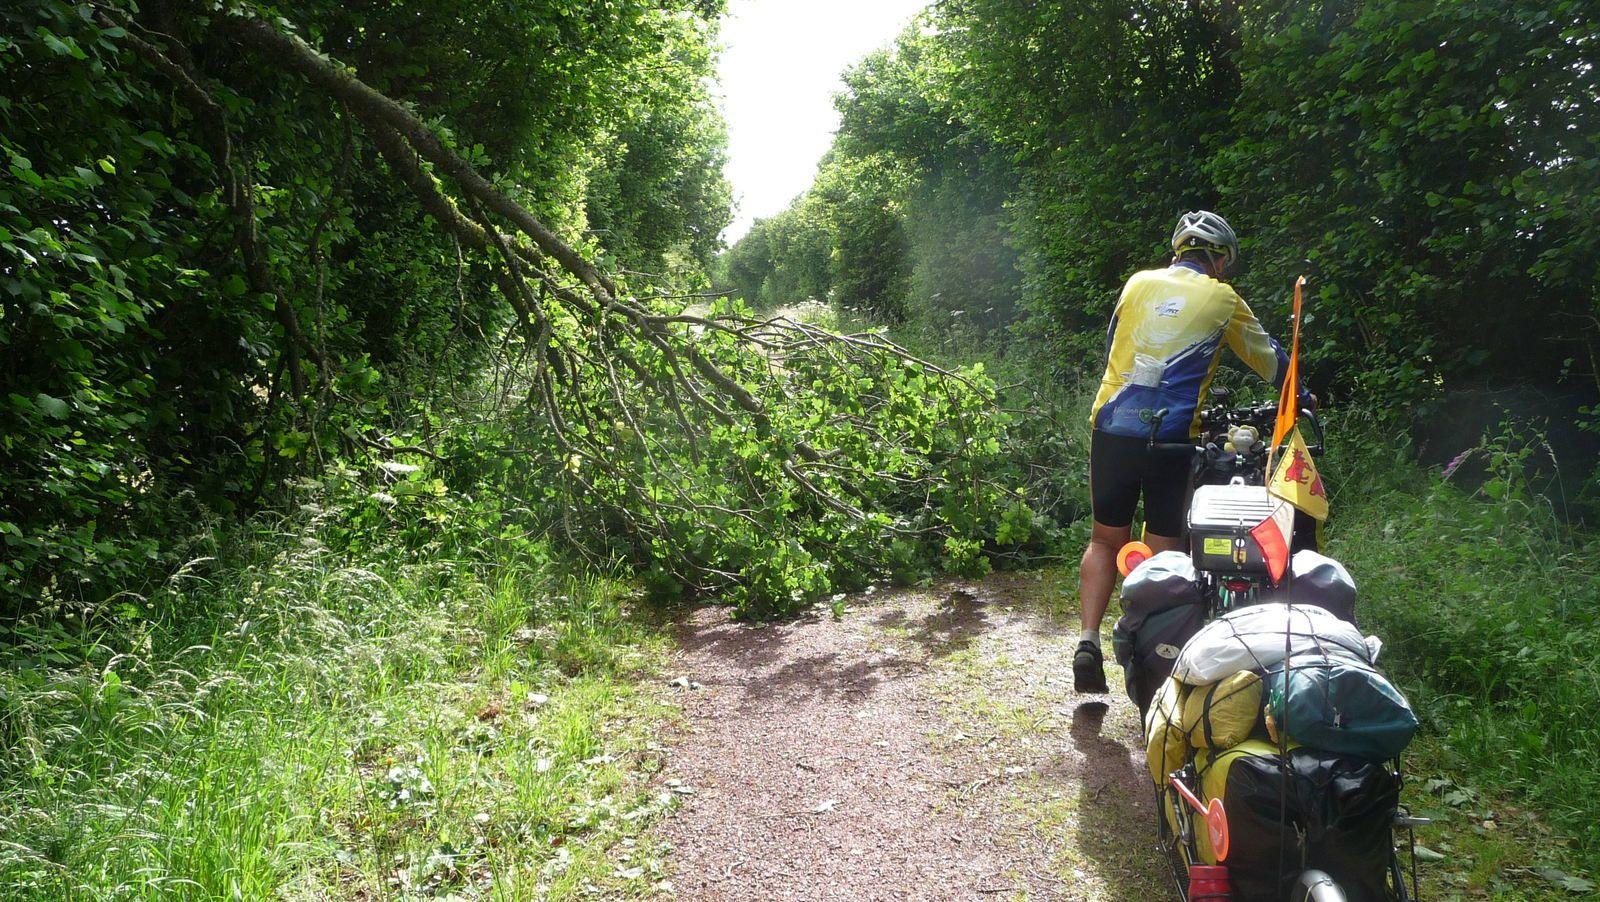 Après la tempête, la vélo-route n'a pas été dégagée, mais nous sommes passé quand même. Il a falut mettre plusieurs fois le pied parterre, pour des arbres couchés, ou des chicanes un peu serrées.,